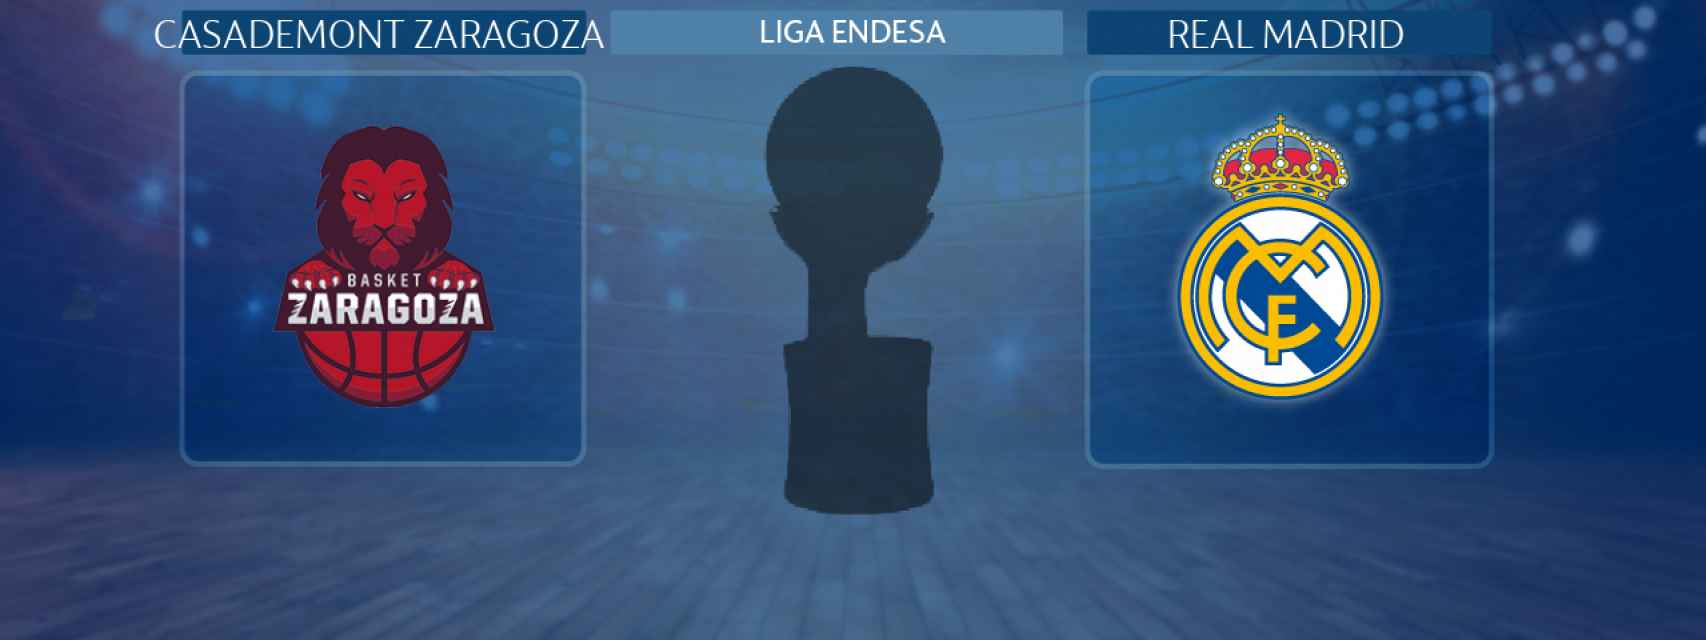 Casademont Zaragoza - Real Madrid, partido de la Liga Endesa